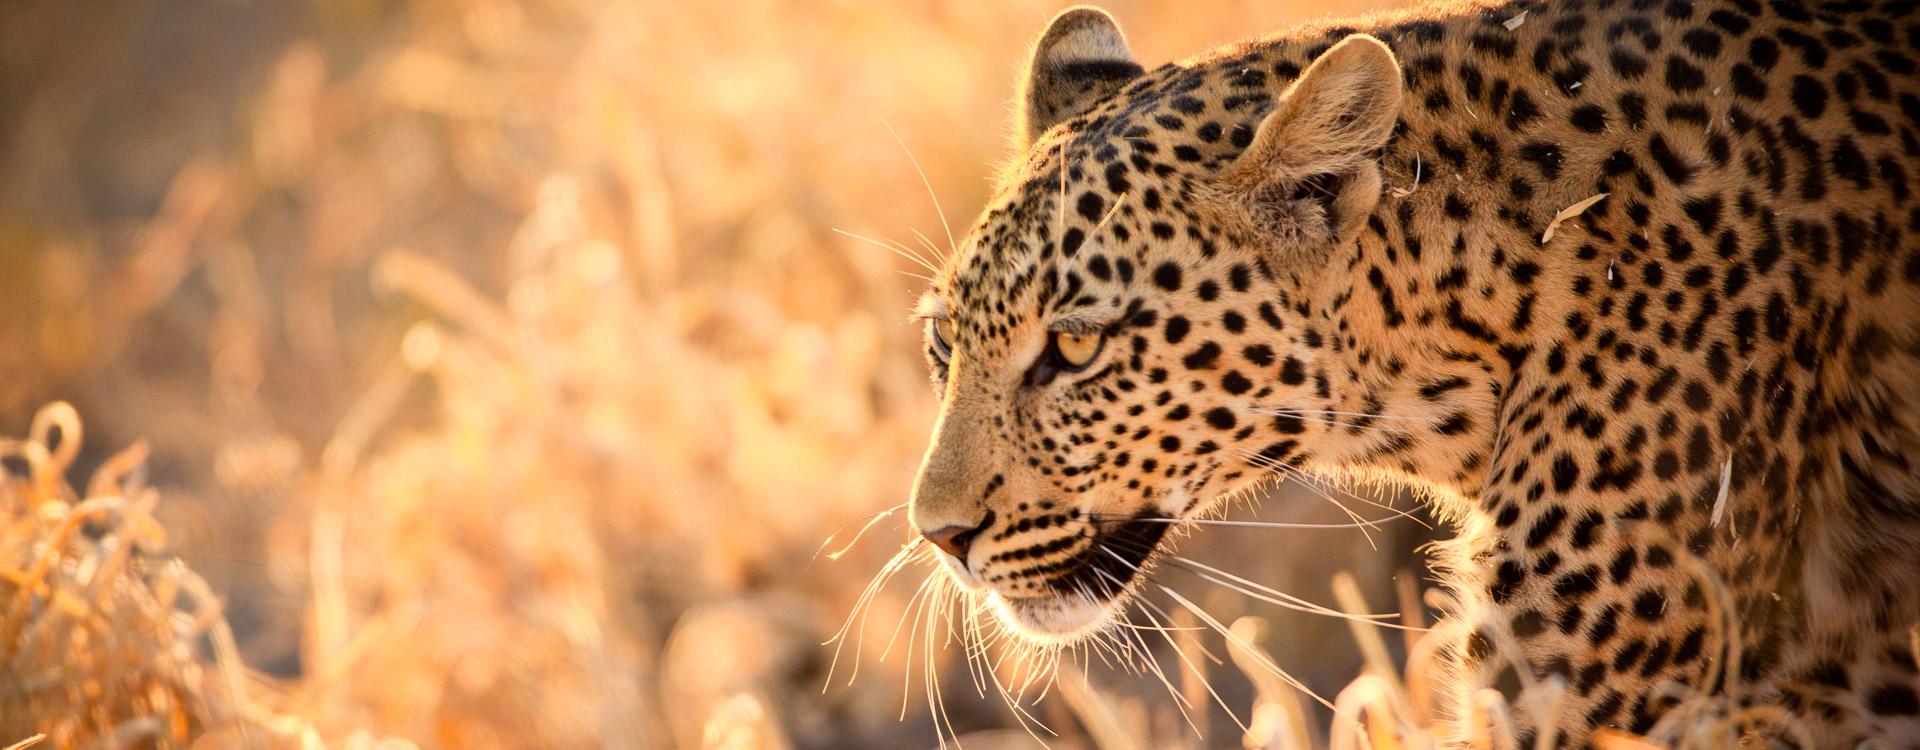 e-bike-reisen-sdafrika-Leopard3.jpg